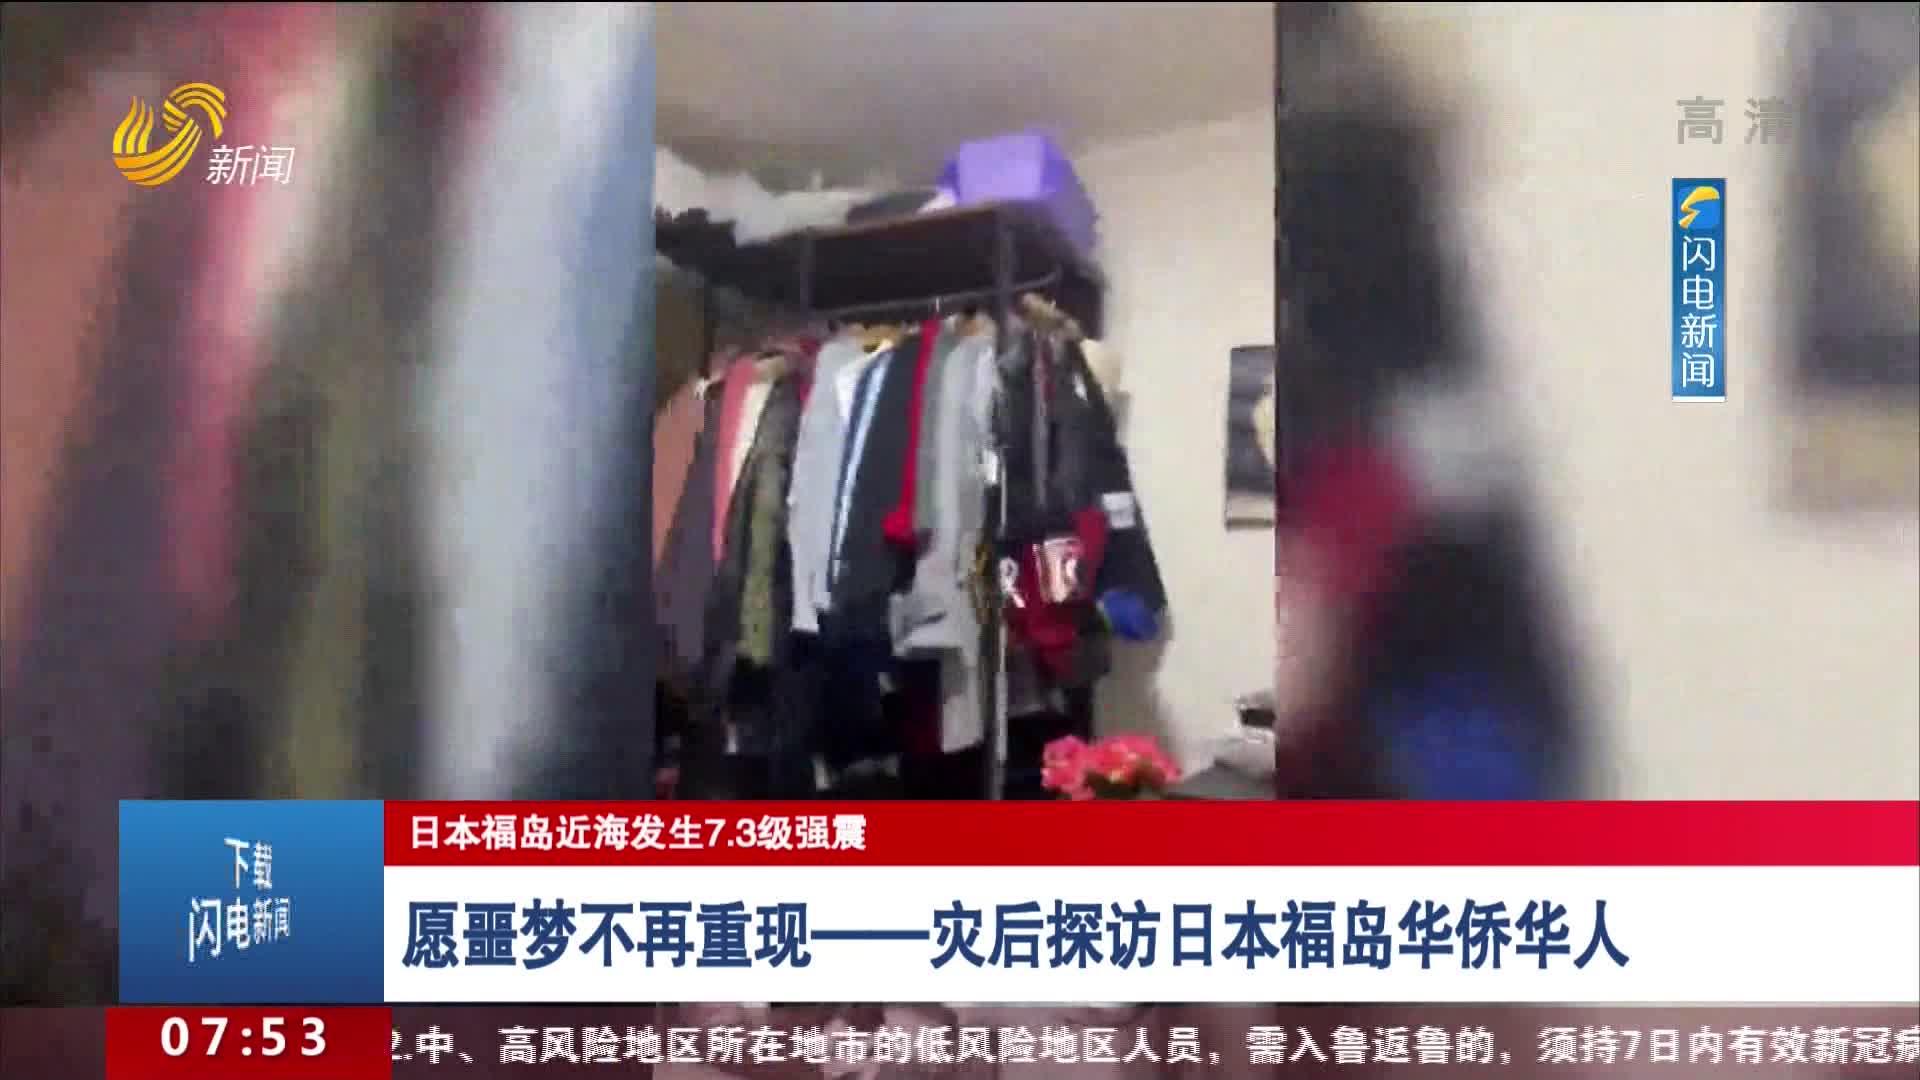 【日本福岛近海发生7.3级强震】愿噩梦不再重现——灾后探访日本福岛华侨华人